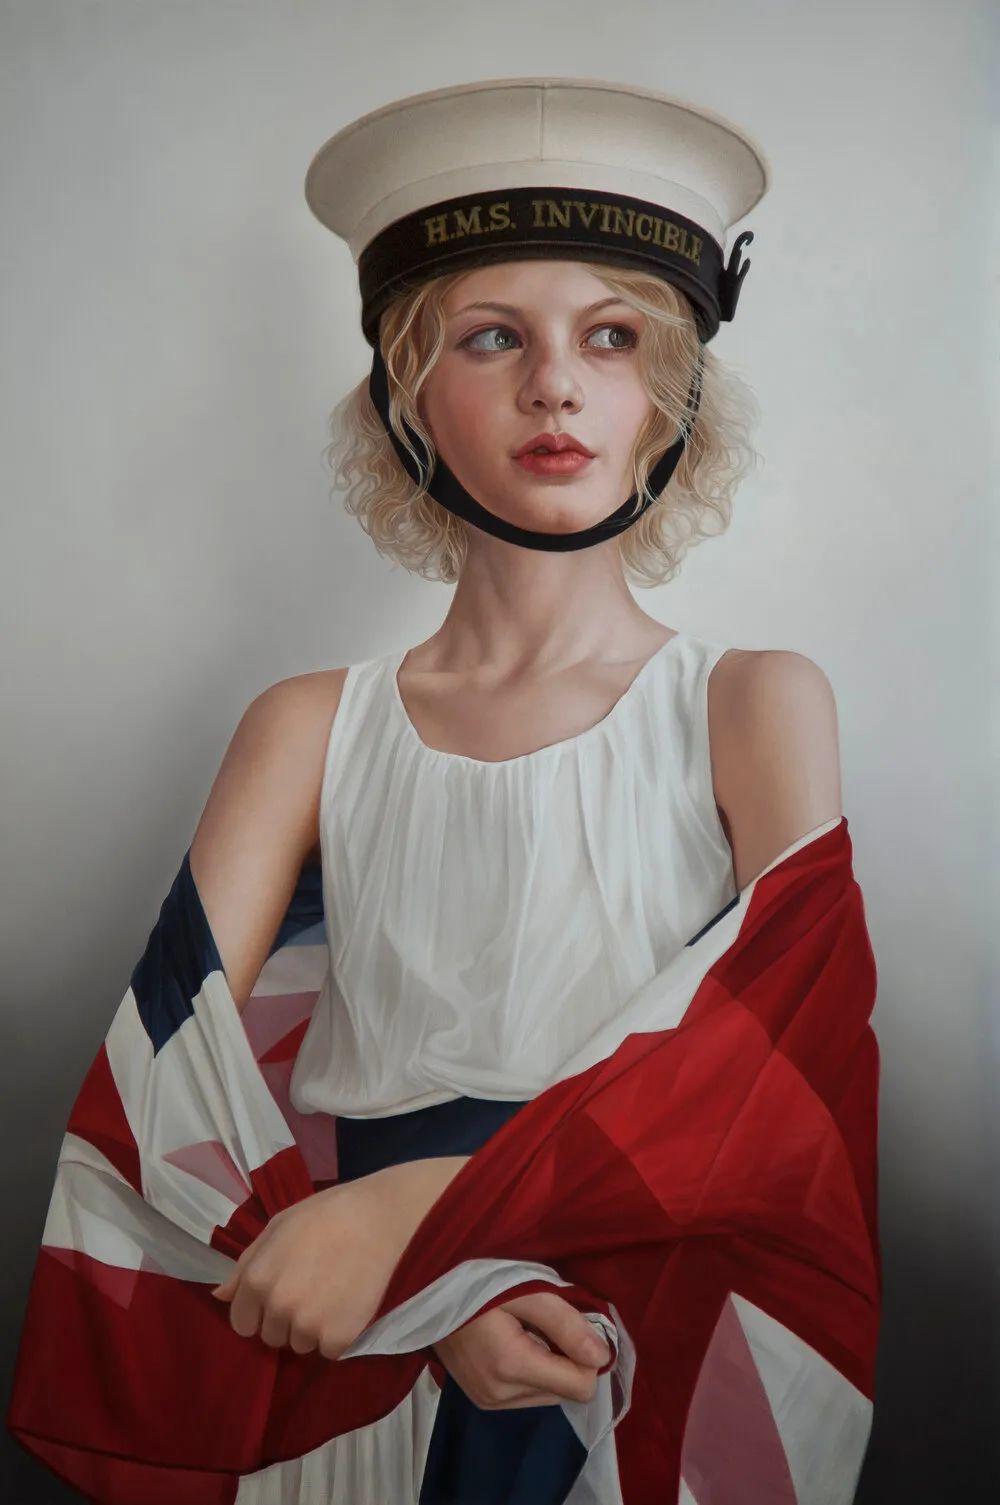 玛丽·简·安塞尔,时尚的女性肖像。插图15